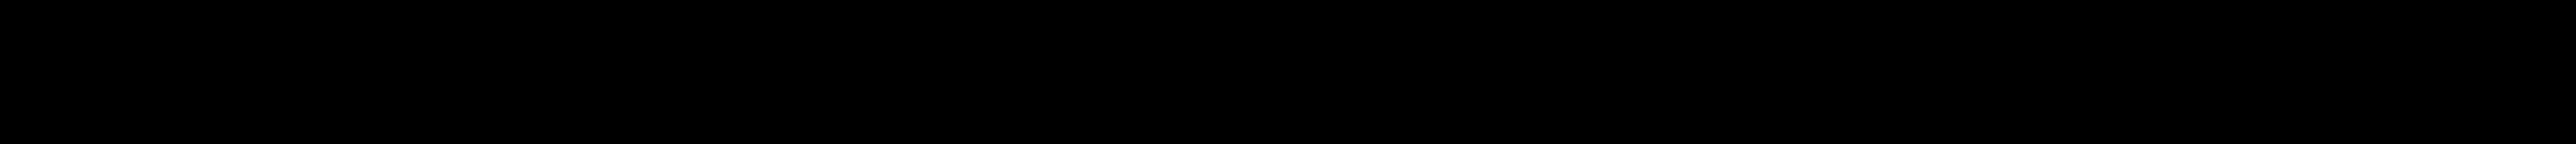 YWFT Formation Demi Bold